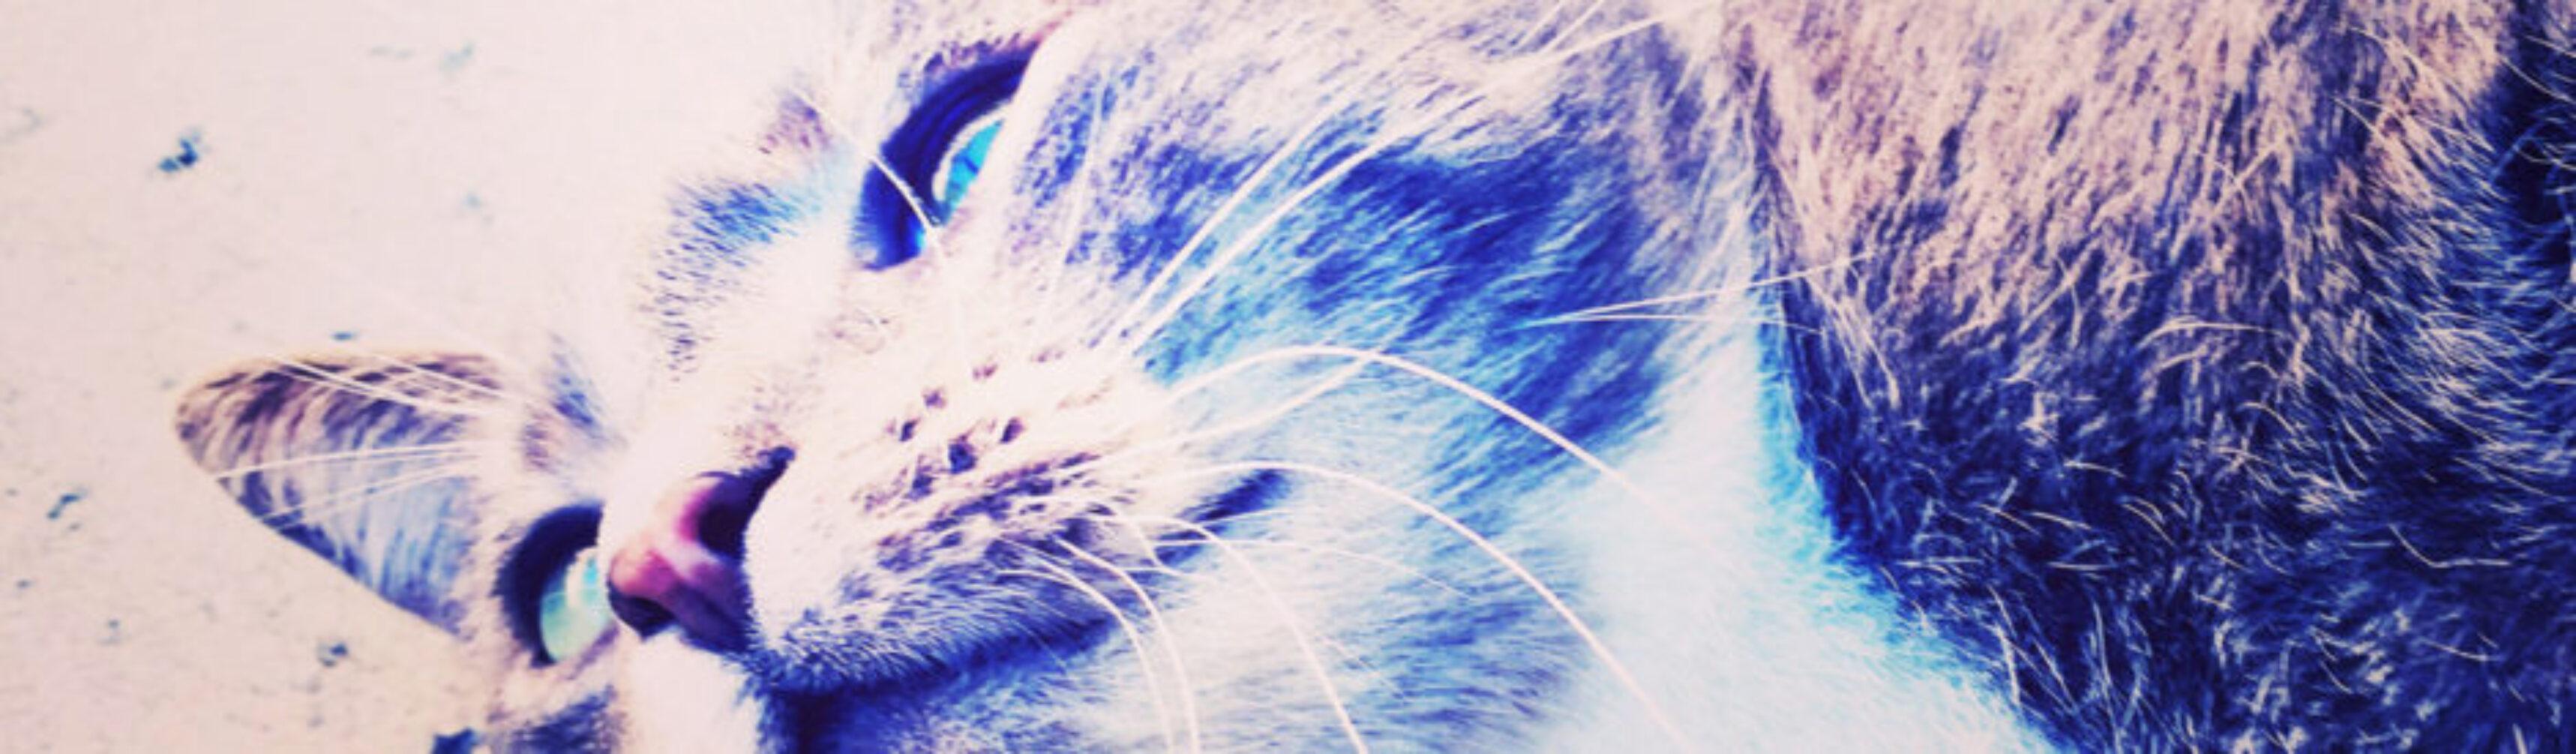 Day-051_01-Eric-Scott-Lullabies-For-Cats